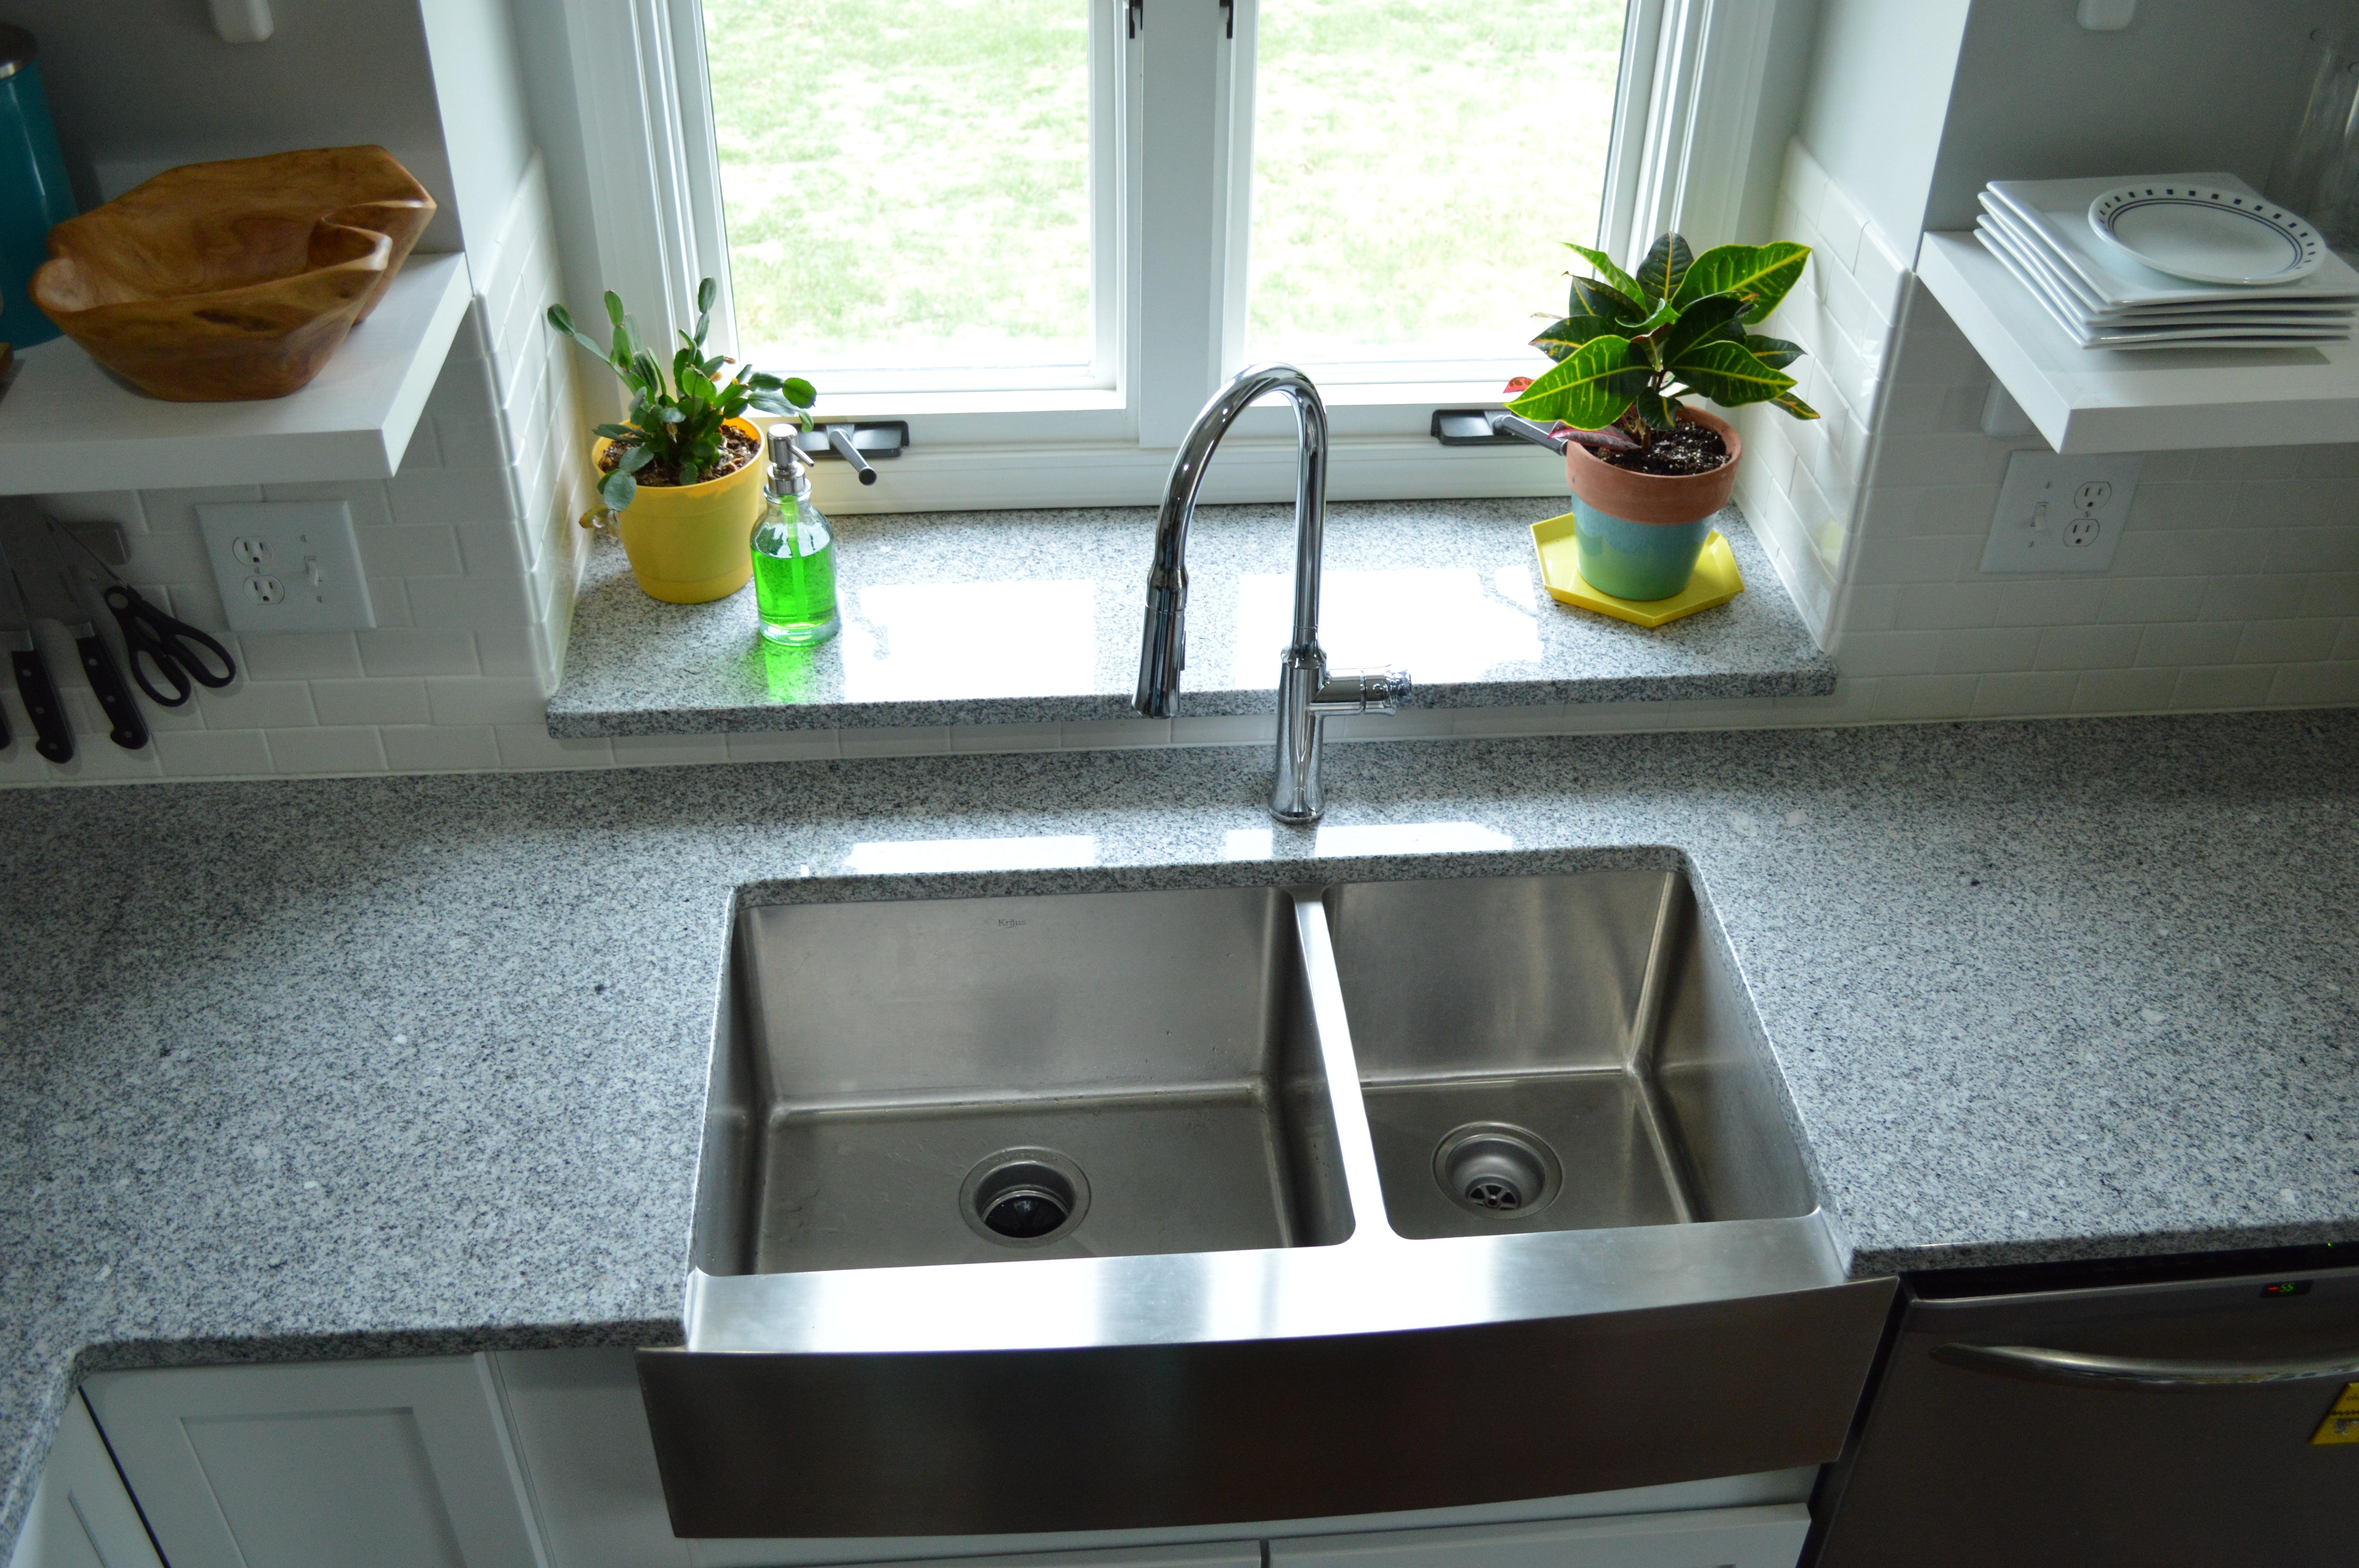 Kitchen Sink Disposal Backed Up Kitchen Sink Back Kitchen Sink Backflow Toilet Backed Up